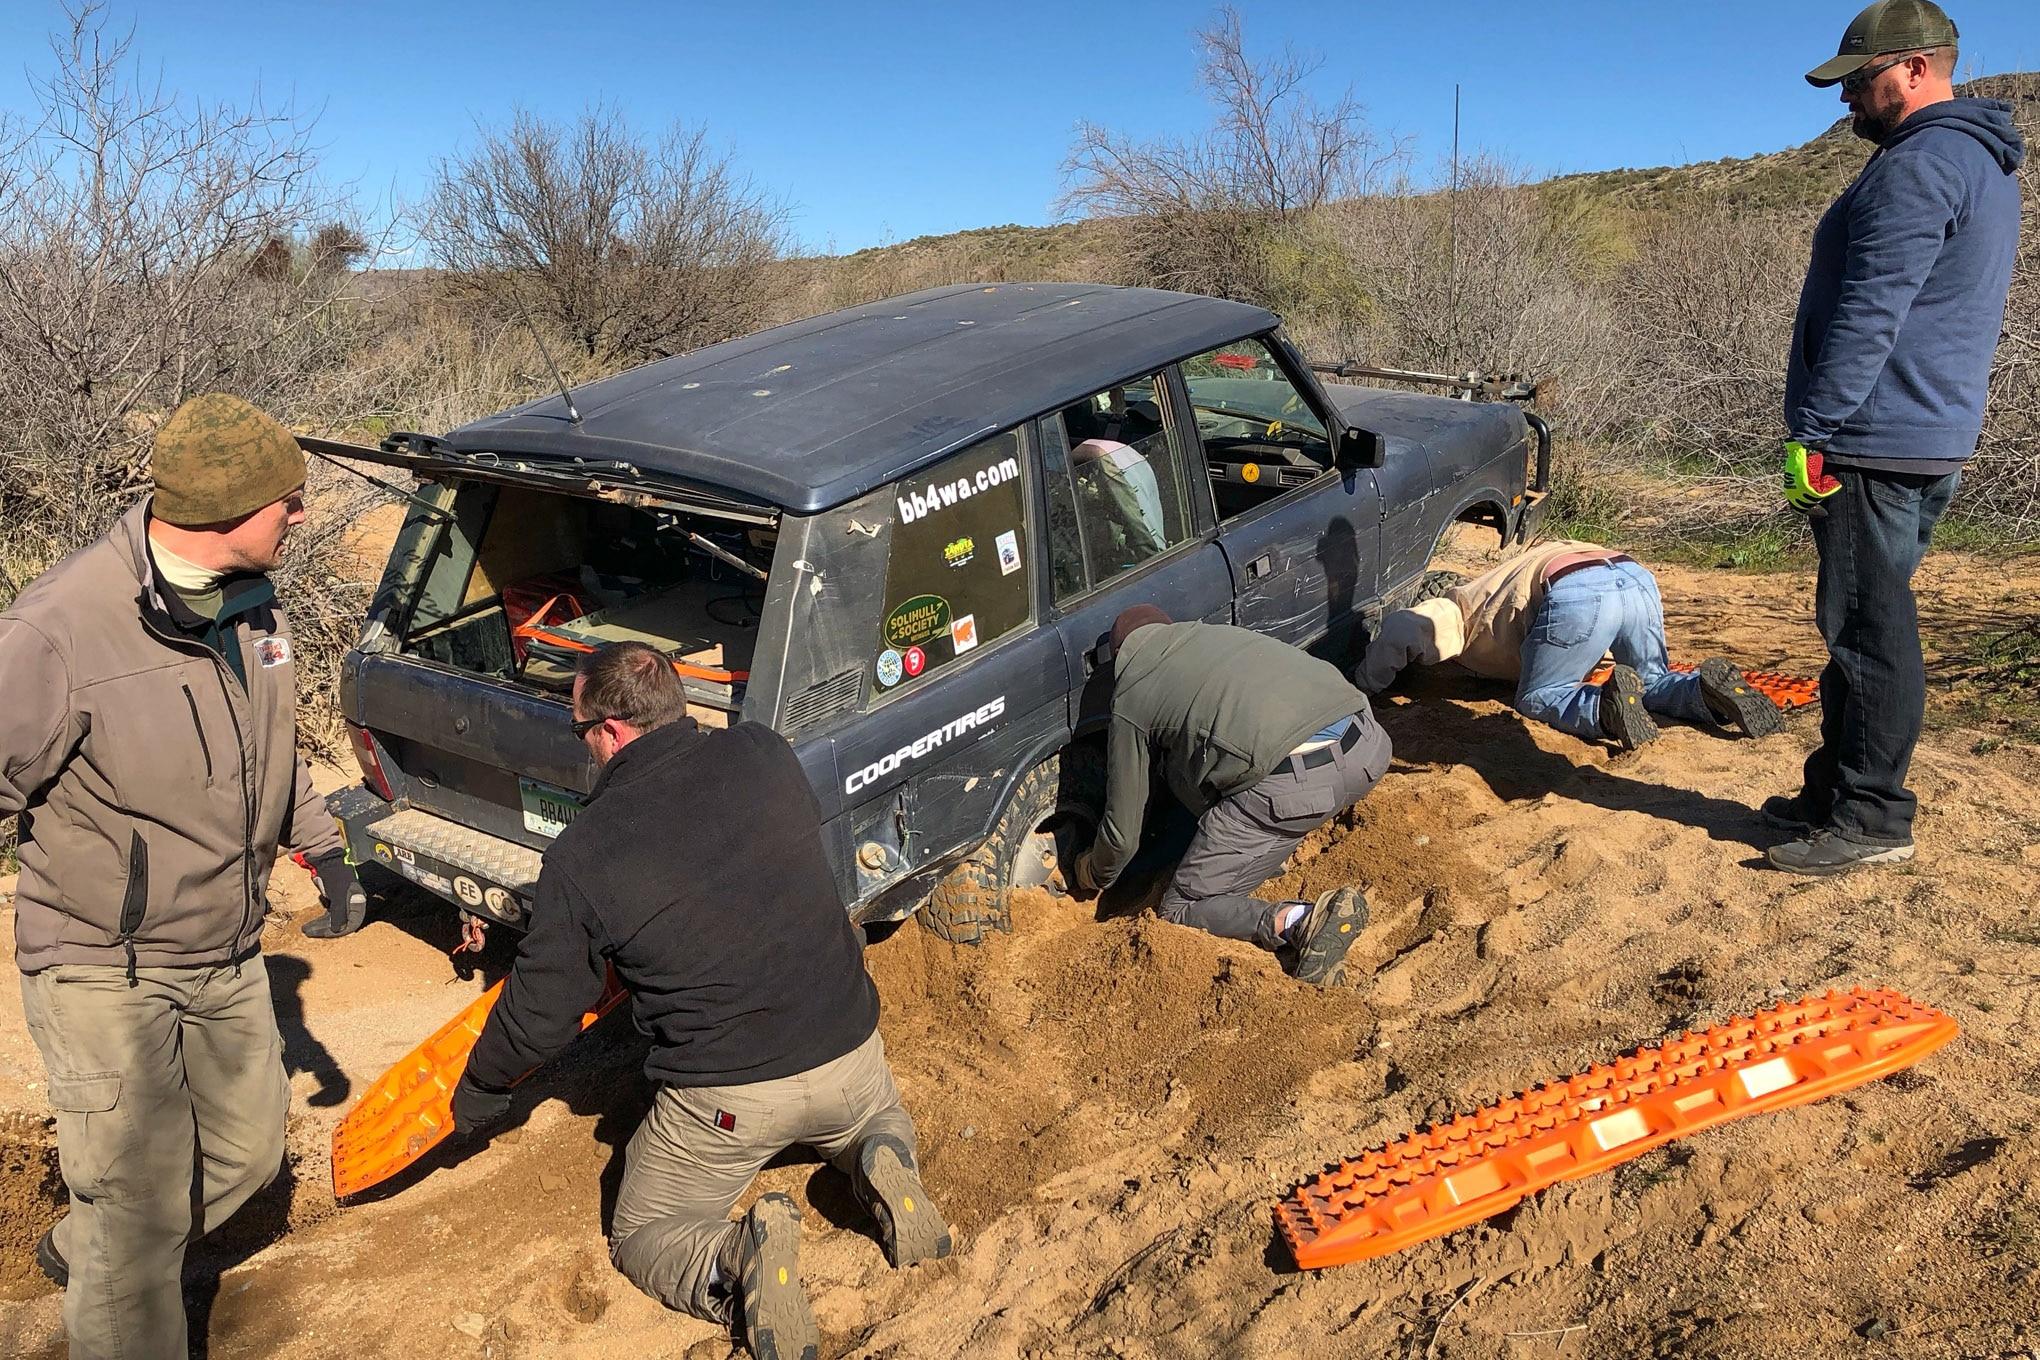 001 nena knows jeeps lead stuck scenario